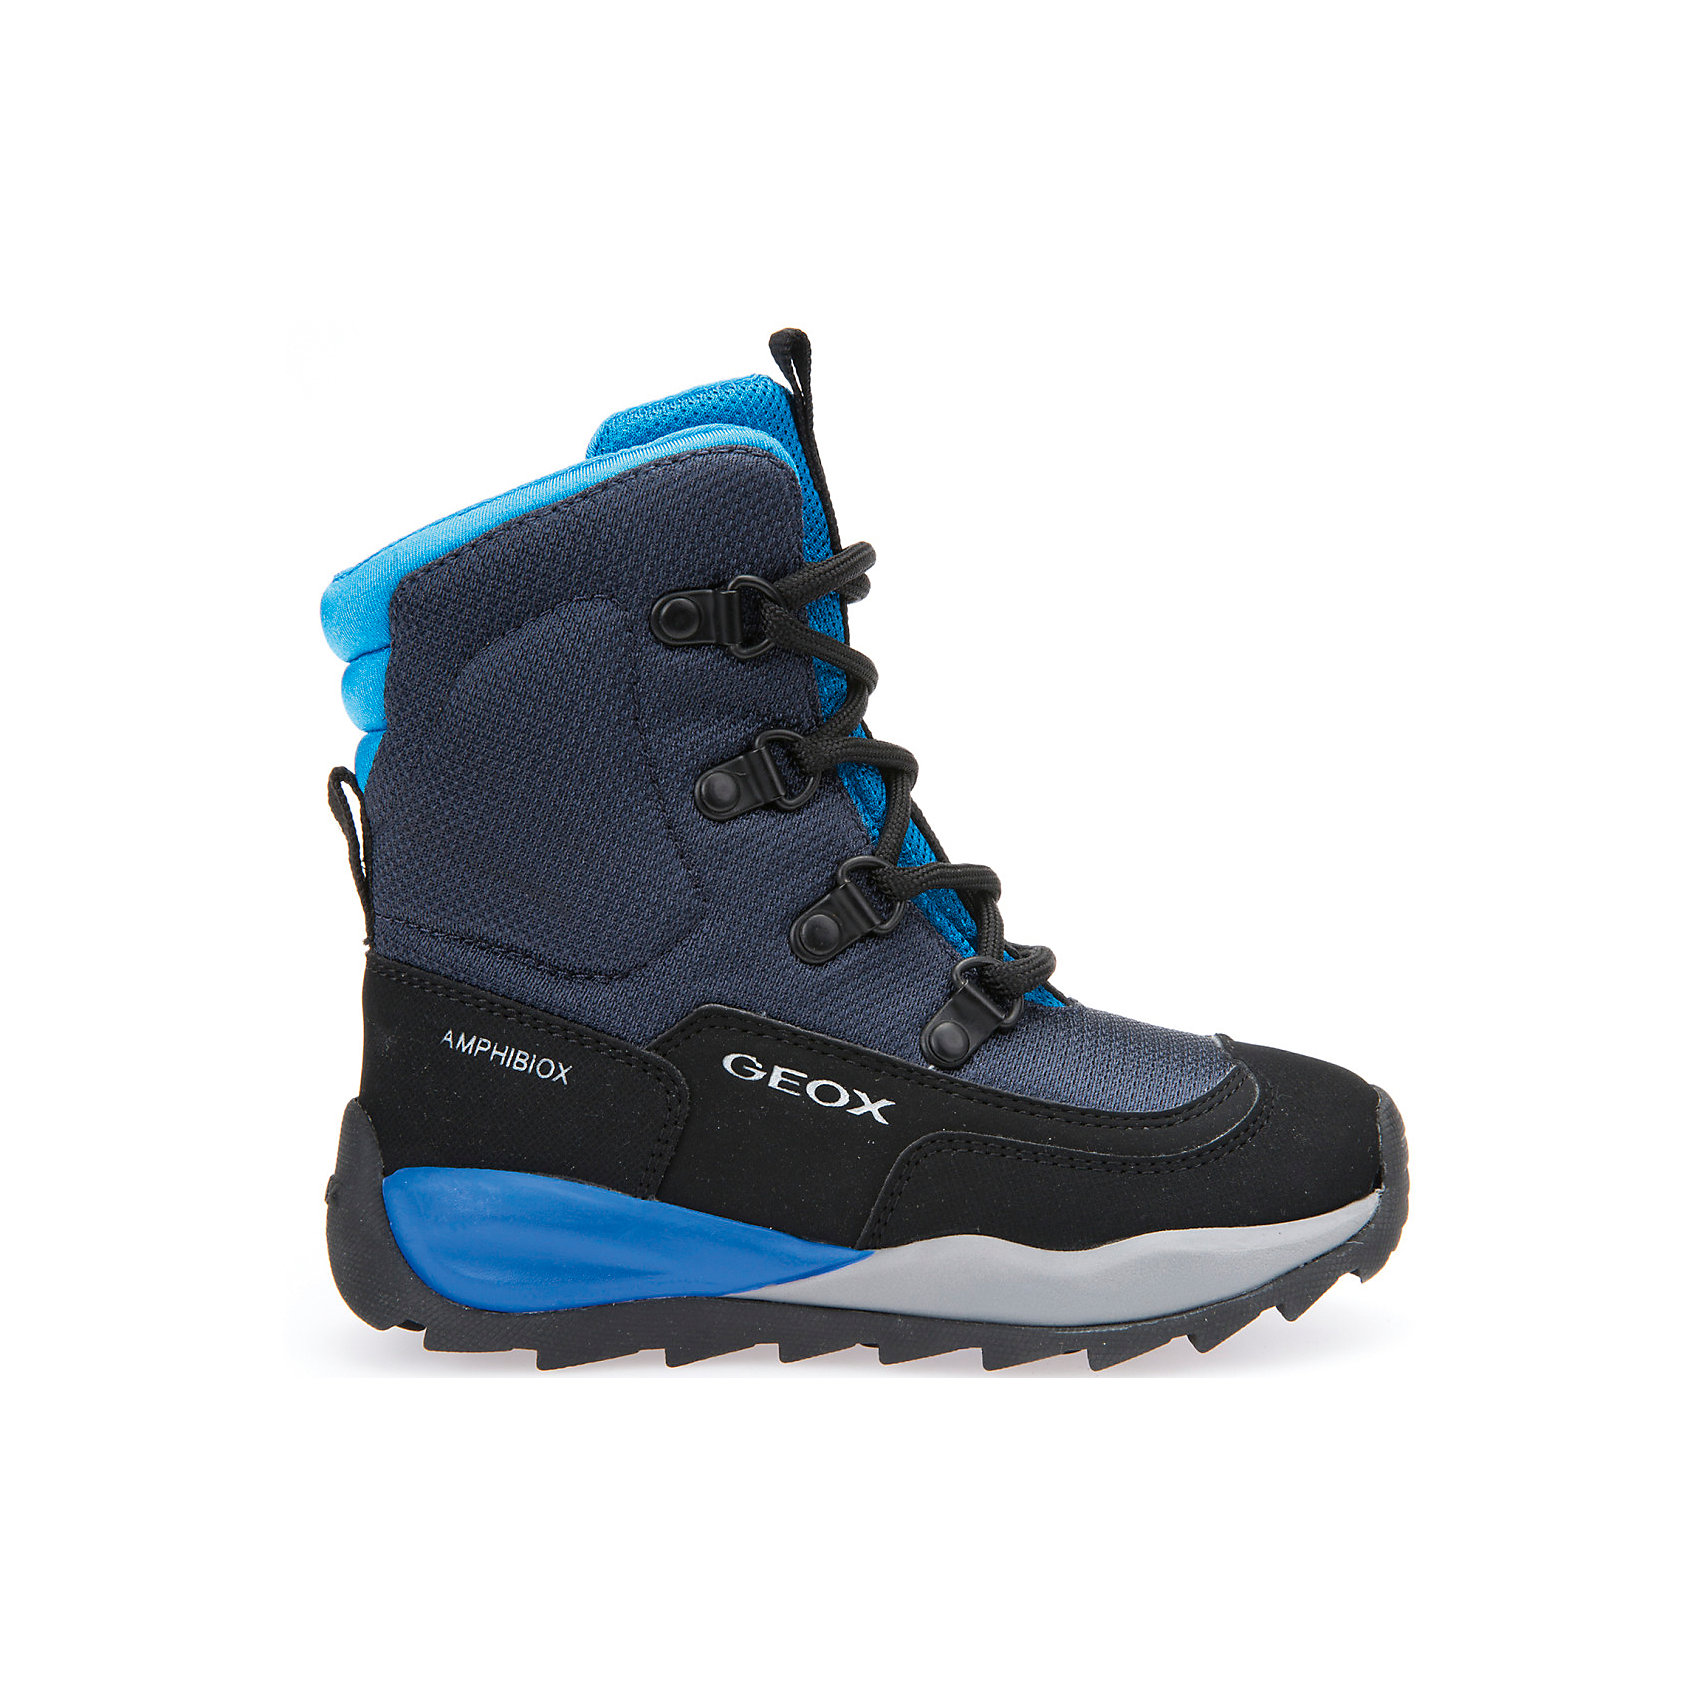 Полусапоги  GEOXПолусапоги GEOX (ГЕОКС)<br>Полусапоги от GEOX (ГЕОКС), выполненные из искусственного нубука и прочного текстиля, идеально подходят для холодной погоды. Плотная мягкая подкладка из искусственного меха согревает чувствительные детские ноги. Текстильная стелька улучшает тепловое сопротивление в холодных условиях, повышая температуру внутри обуви. Влага не застаивается в обуви, благодаря чему создается идеальный микроклимат, который держит ноги теплыми и сухими, и позволяет им дышать естественно. Колодка соответствует анатомическим особенностям строения детской стопы. Качественная амортизация снижает нагрузку на суставы. Запатентованная гибкая перфорированная подошва со специальной микропористой мембраной обеспечивает естественное дыхание обуви, не пропускает воду, не скользит. Модель имеет усиленный мыс и функциональную шнуровку.<br><br>Дополнительная информация:<br><br>- Сезон: зима<br>- Цвет: черный, серый, голубой<br>- Материал верха: искусственный нубук, текстиль<br>- Внутренний материал: искусственный мех<br>- Материал стельки: текстиль<br>- Материал подошвы: резина<br>- Тип застежки: шнуровка<br>- Высота голенища/задника: 11 см.<br>- Технология Amphibiox<br>- Материалы и продукция прошли специальную проверку T?V S?D, на отсутствие веществ, опасных для здоровья покупателей<br><br>Полусапоги GEOX (ГЕОКС) можно купить в нашем интернет-магазине.<br><br>Ширина мм: 257<br>Глубина мм: 180<br>Высота мм: 130<br>Вес г: 420<br>Цвет: разноцветный<br>Возраст от месяцев: 72<br>Возраст до месяцев: 84<br>Пол: Мужской<br>Возраст: Детский<br>Размер: 30,31,32,33,34,27,28,29<br>SKU: 4968287